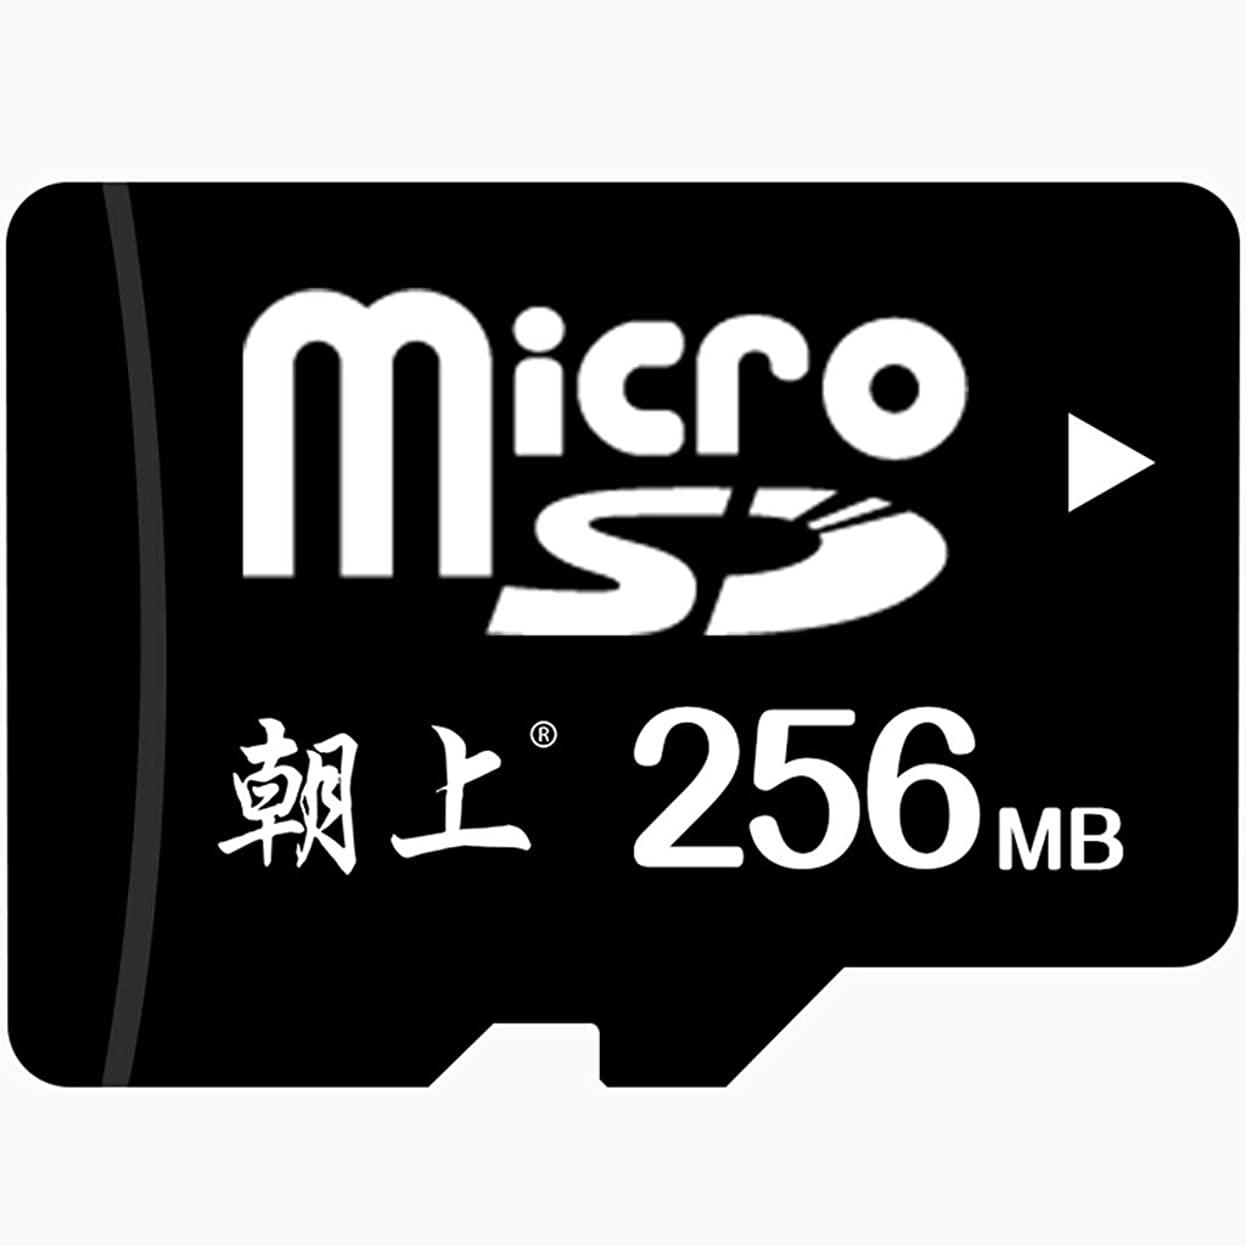 攻撃的チーズメダリストTFカード128MB携帯電話メモリカード工業用漫画小型カードメモリカードMicroSDラジオ小型スピーカーMP3プレーヤーアンプドット読書機256MB小容量512MB TFカードリーダー (サイズ さいず : 256MB)